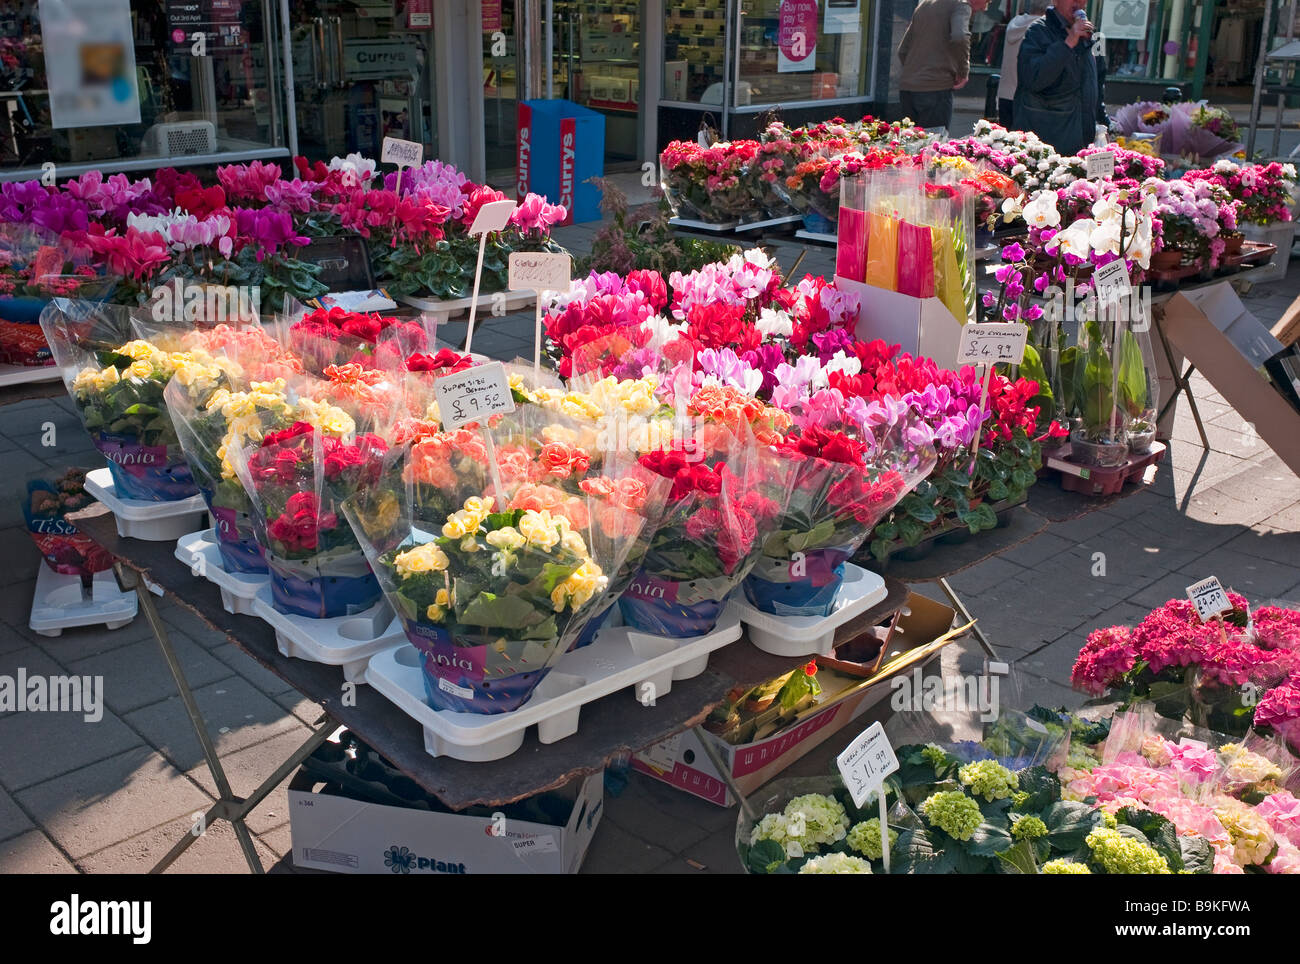 Pressione di stallo di mercato la vendita di piante e fiori in Devizes in marzo in anticipo delle madri di giorno Immagini Stock